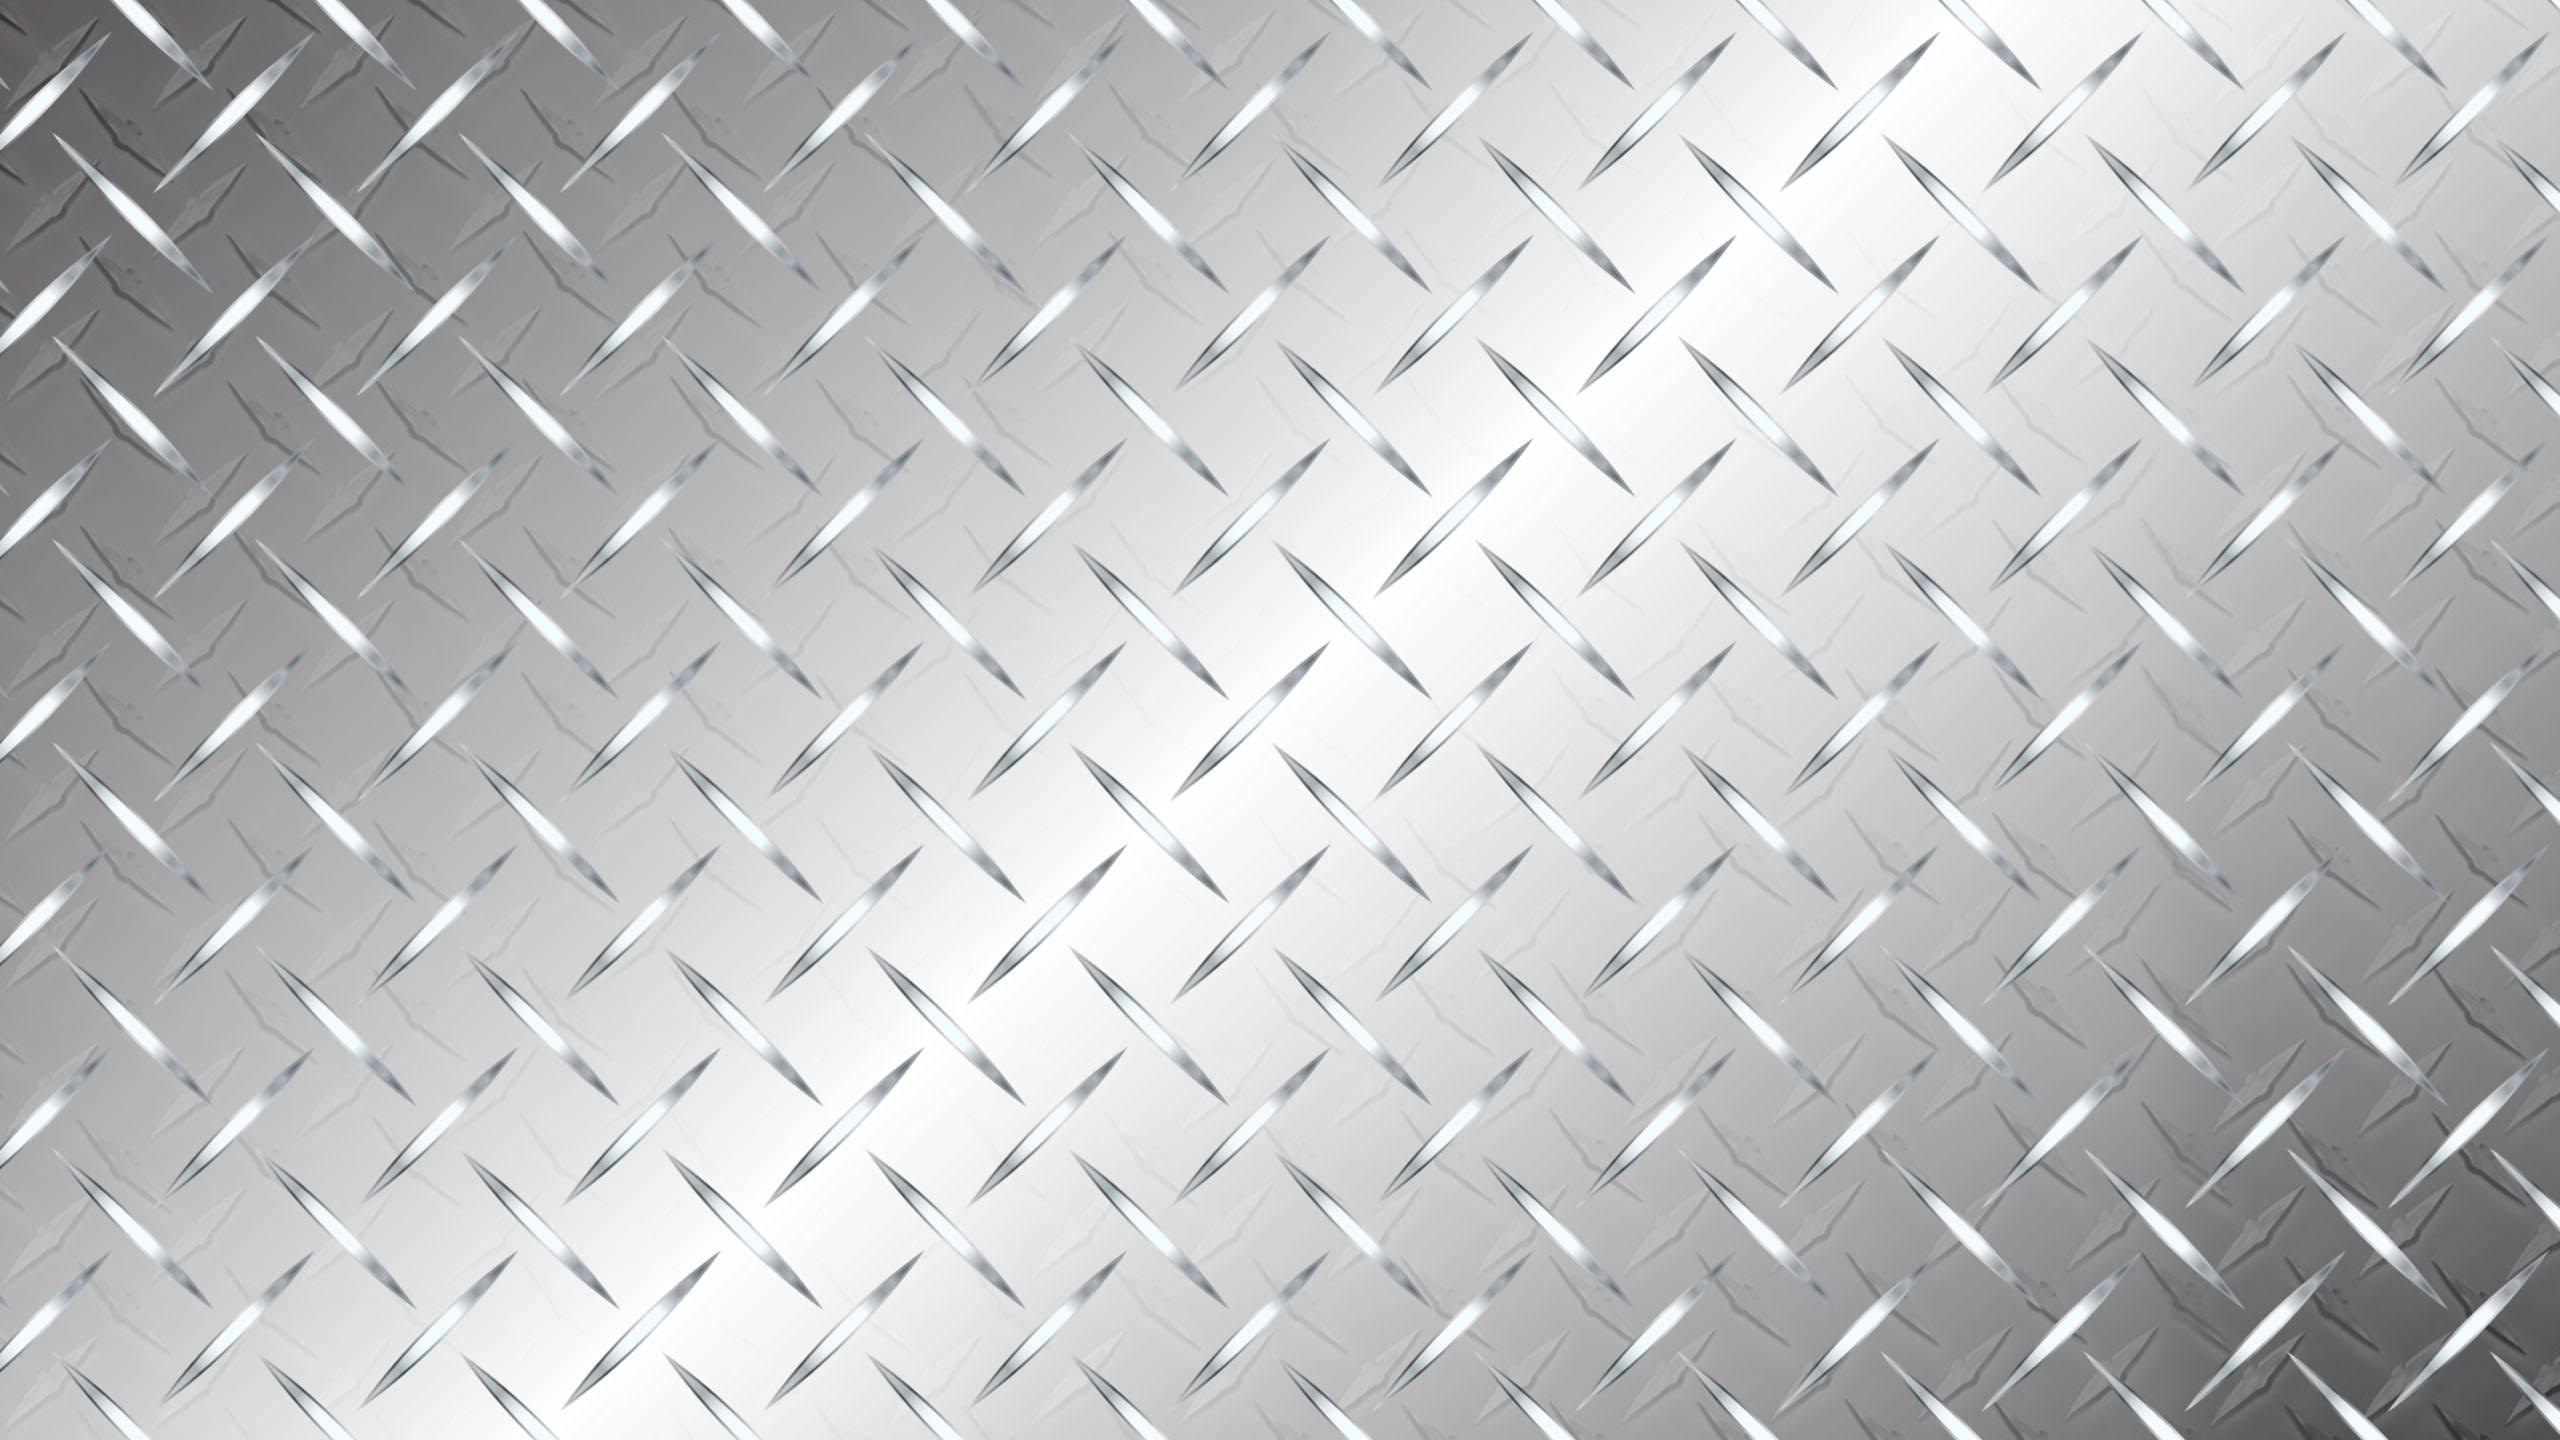 بالصور خلفية بيضاء ساده , اجمل الخلفيات البيضاء 6164 4